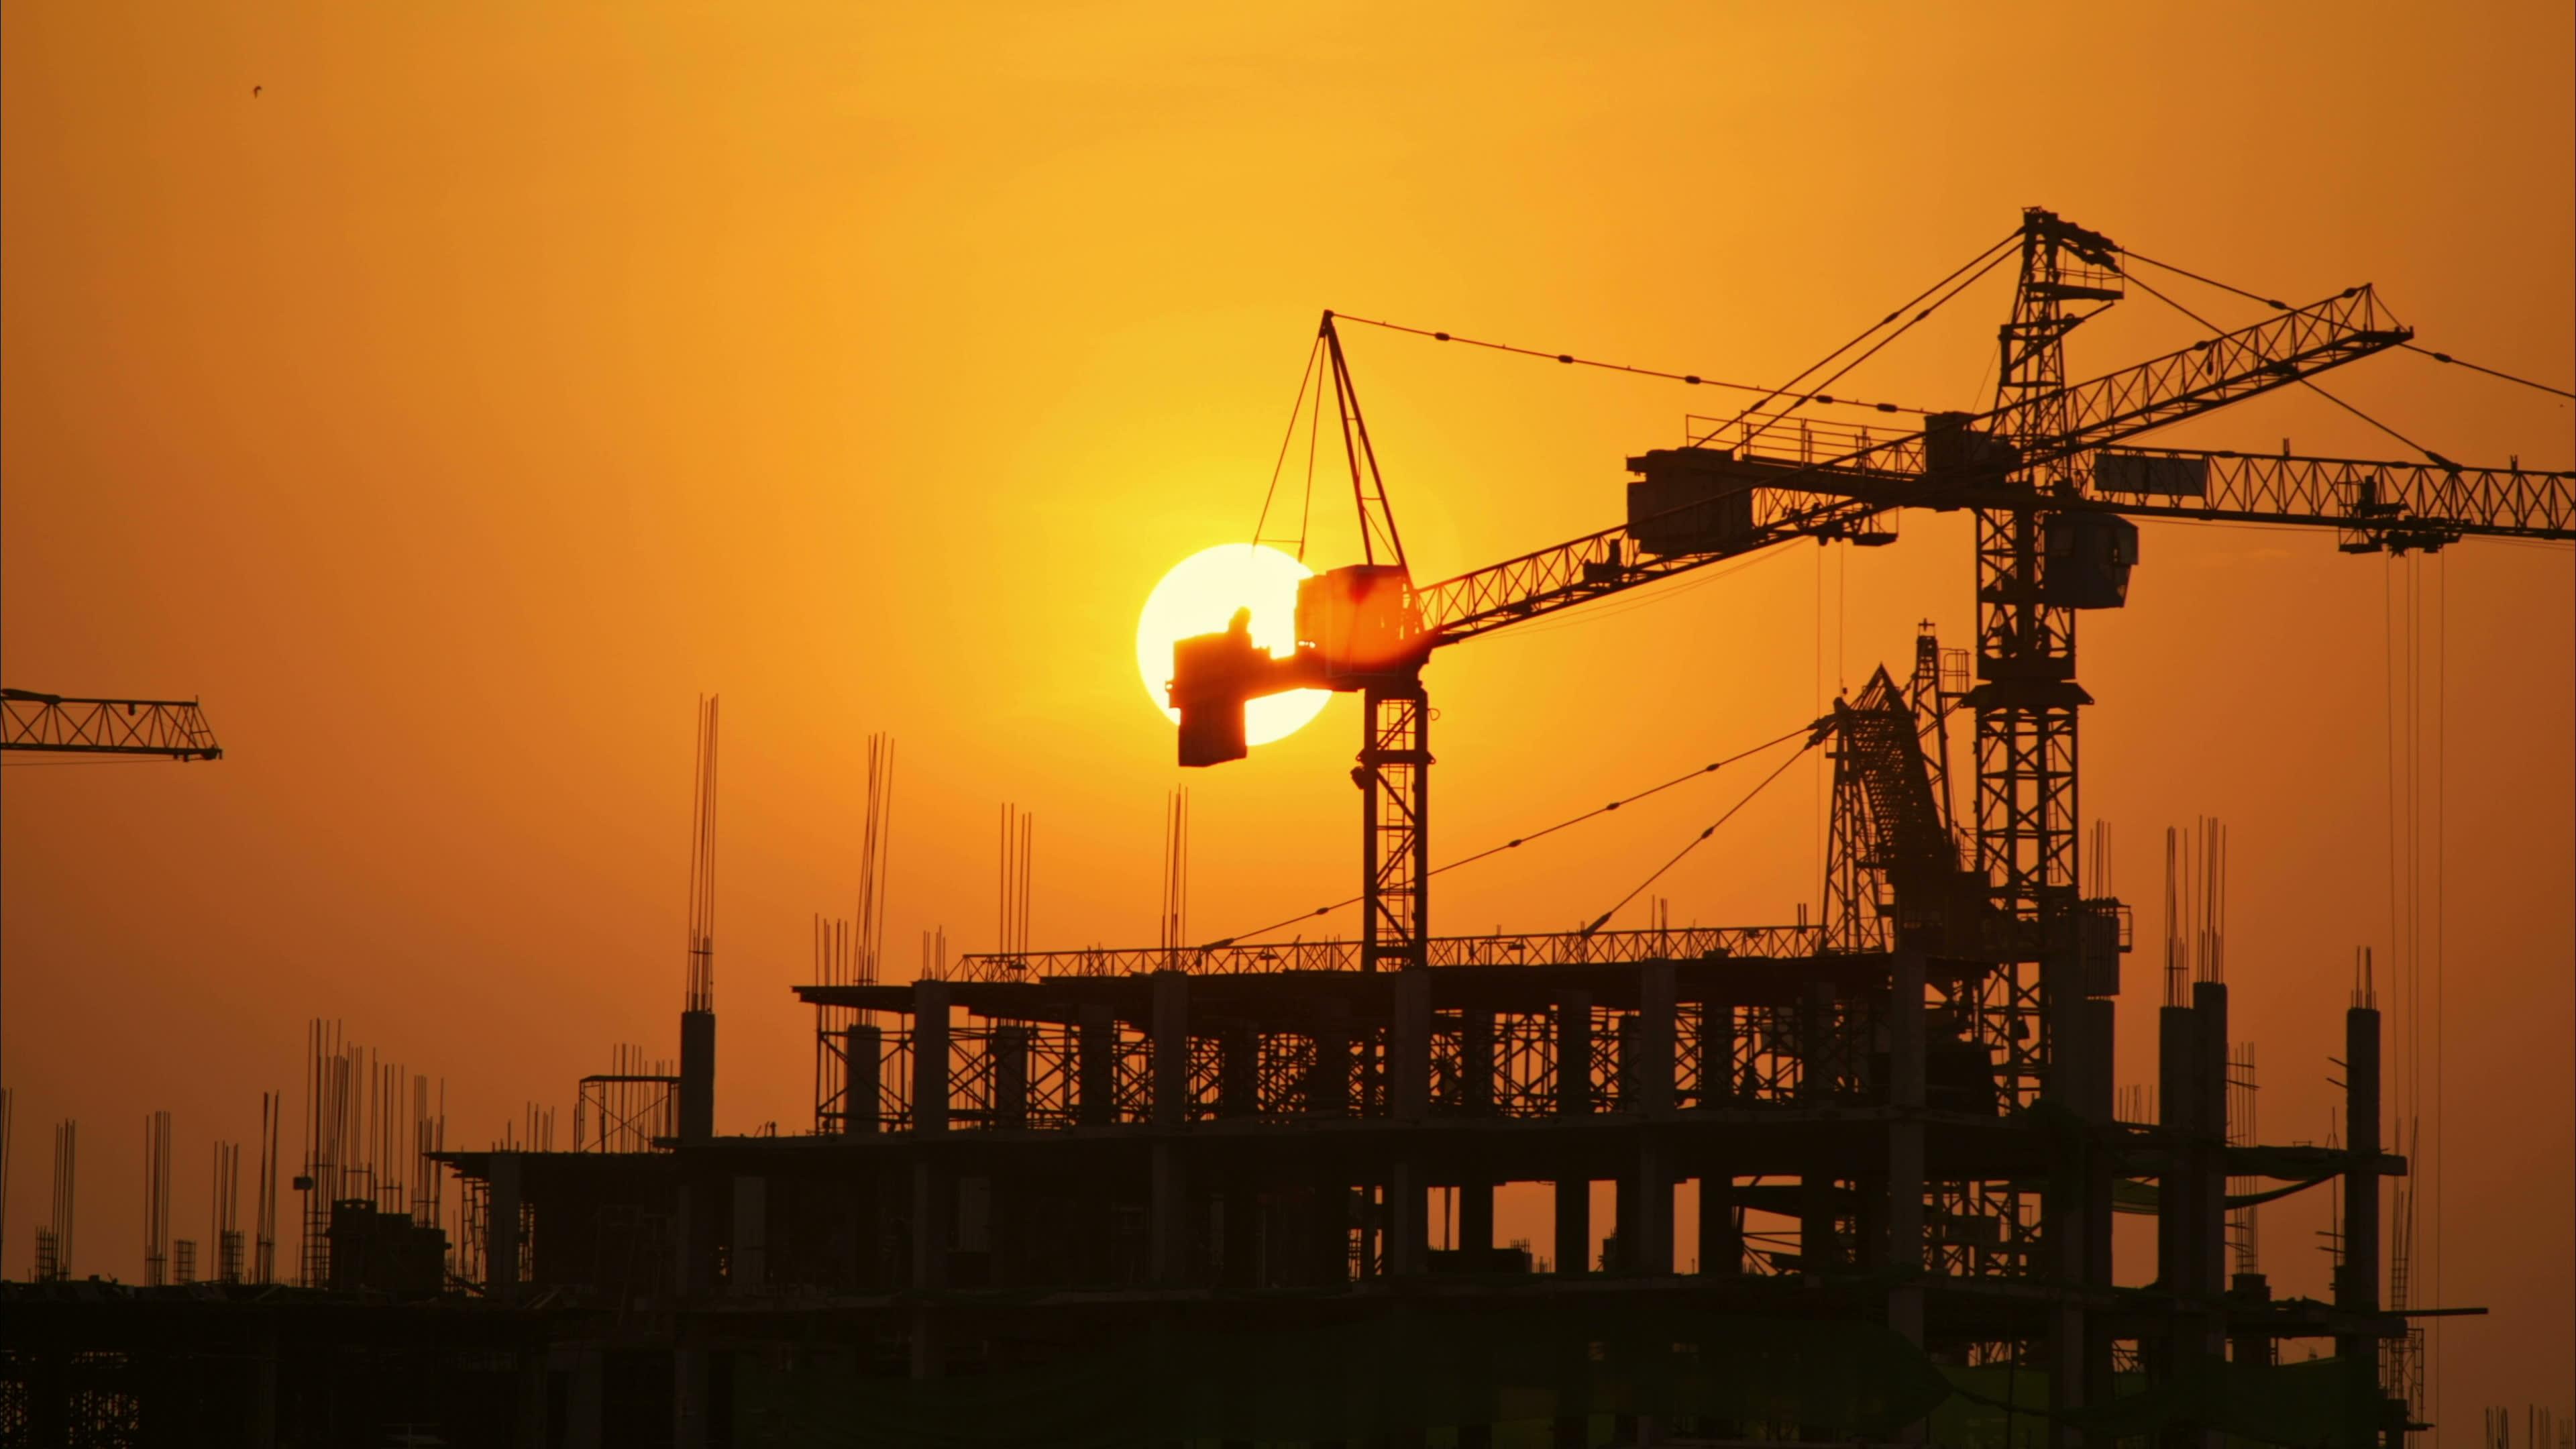 Dịch thuật xây dựng, dịch thuật chuyên ngành xây dựng